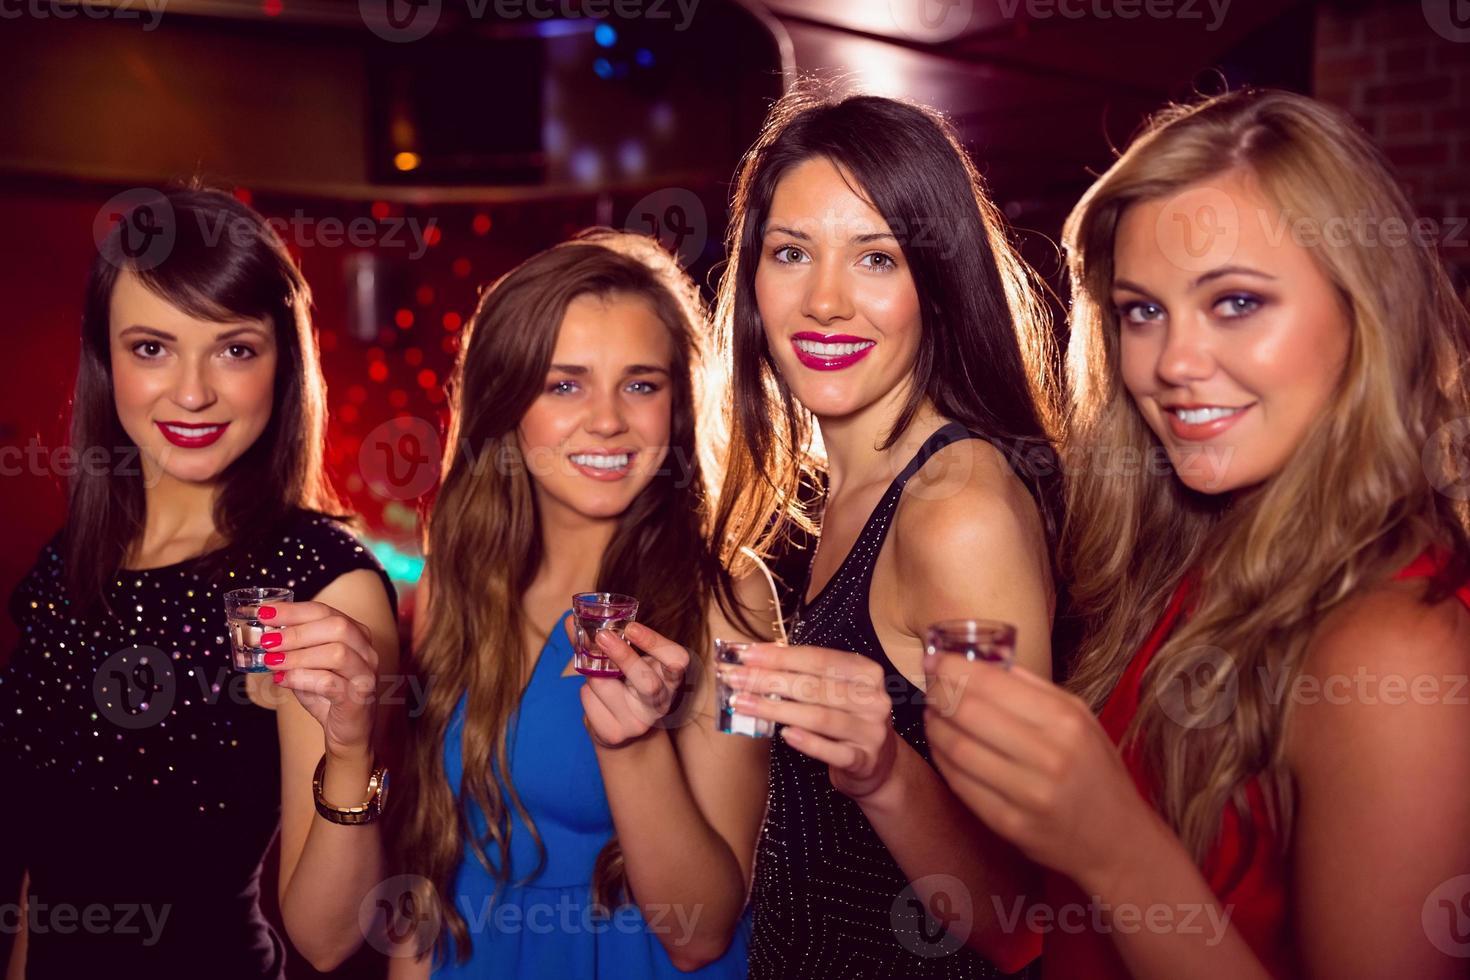 vackra vänner dricker bilder tillsammans foto